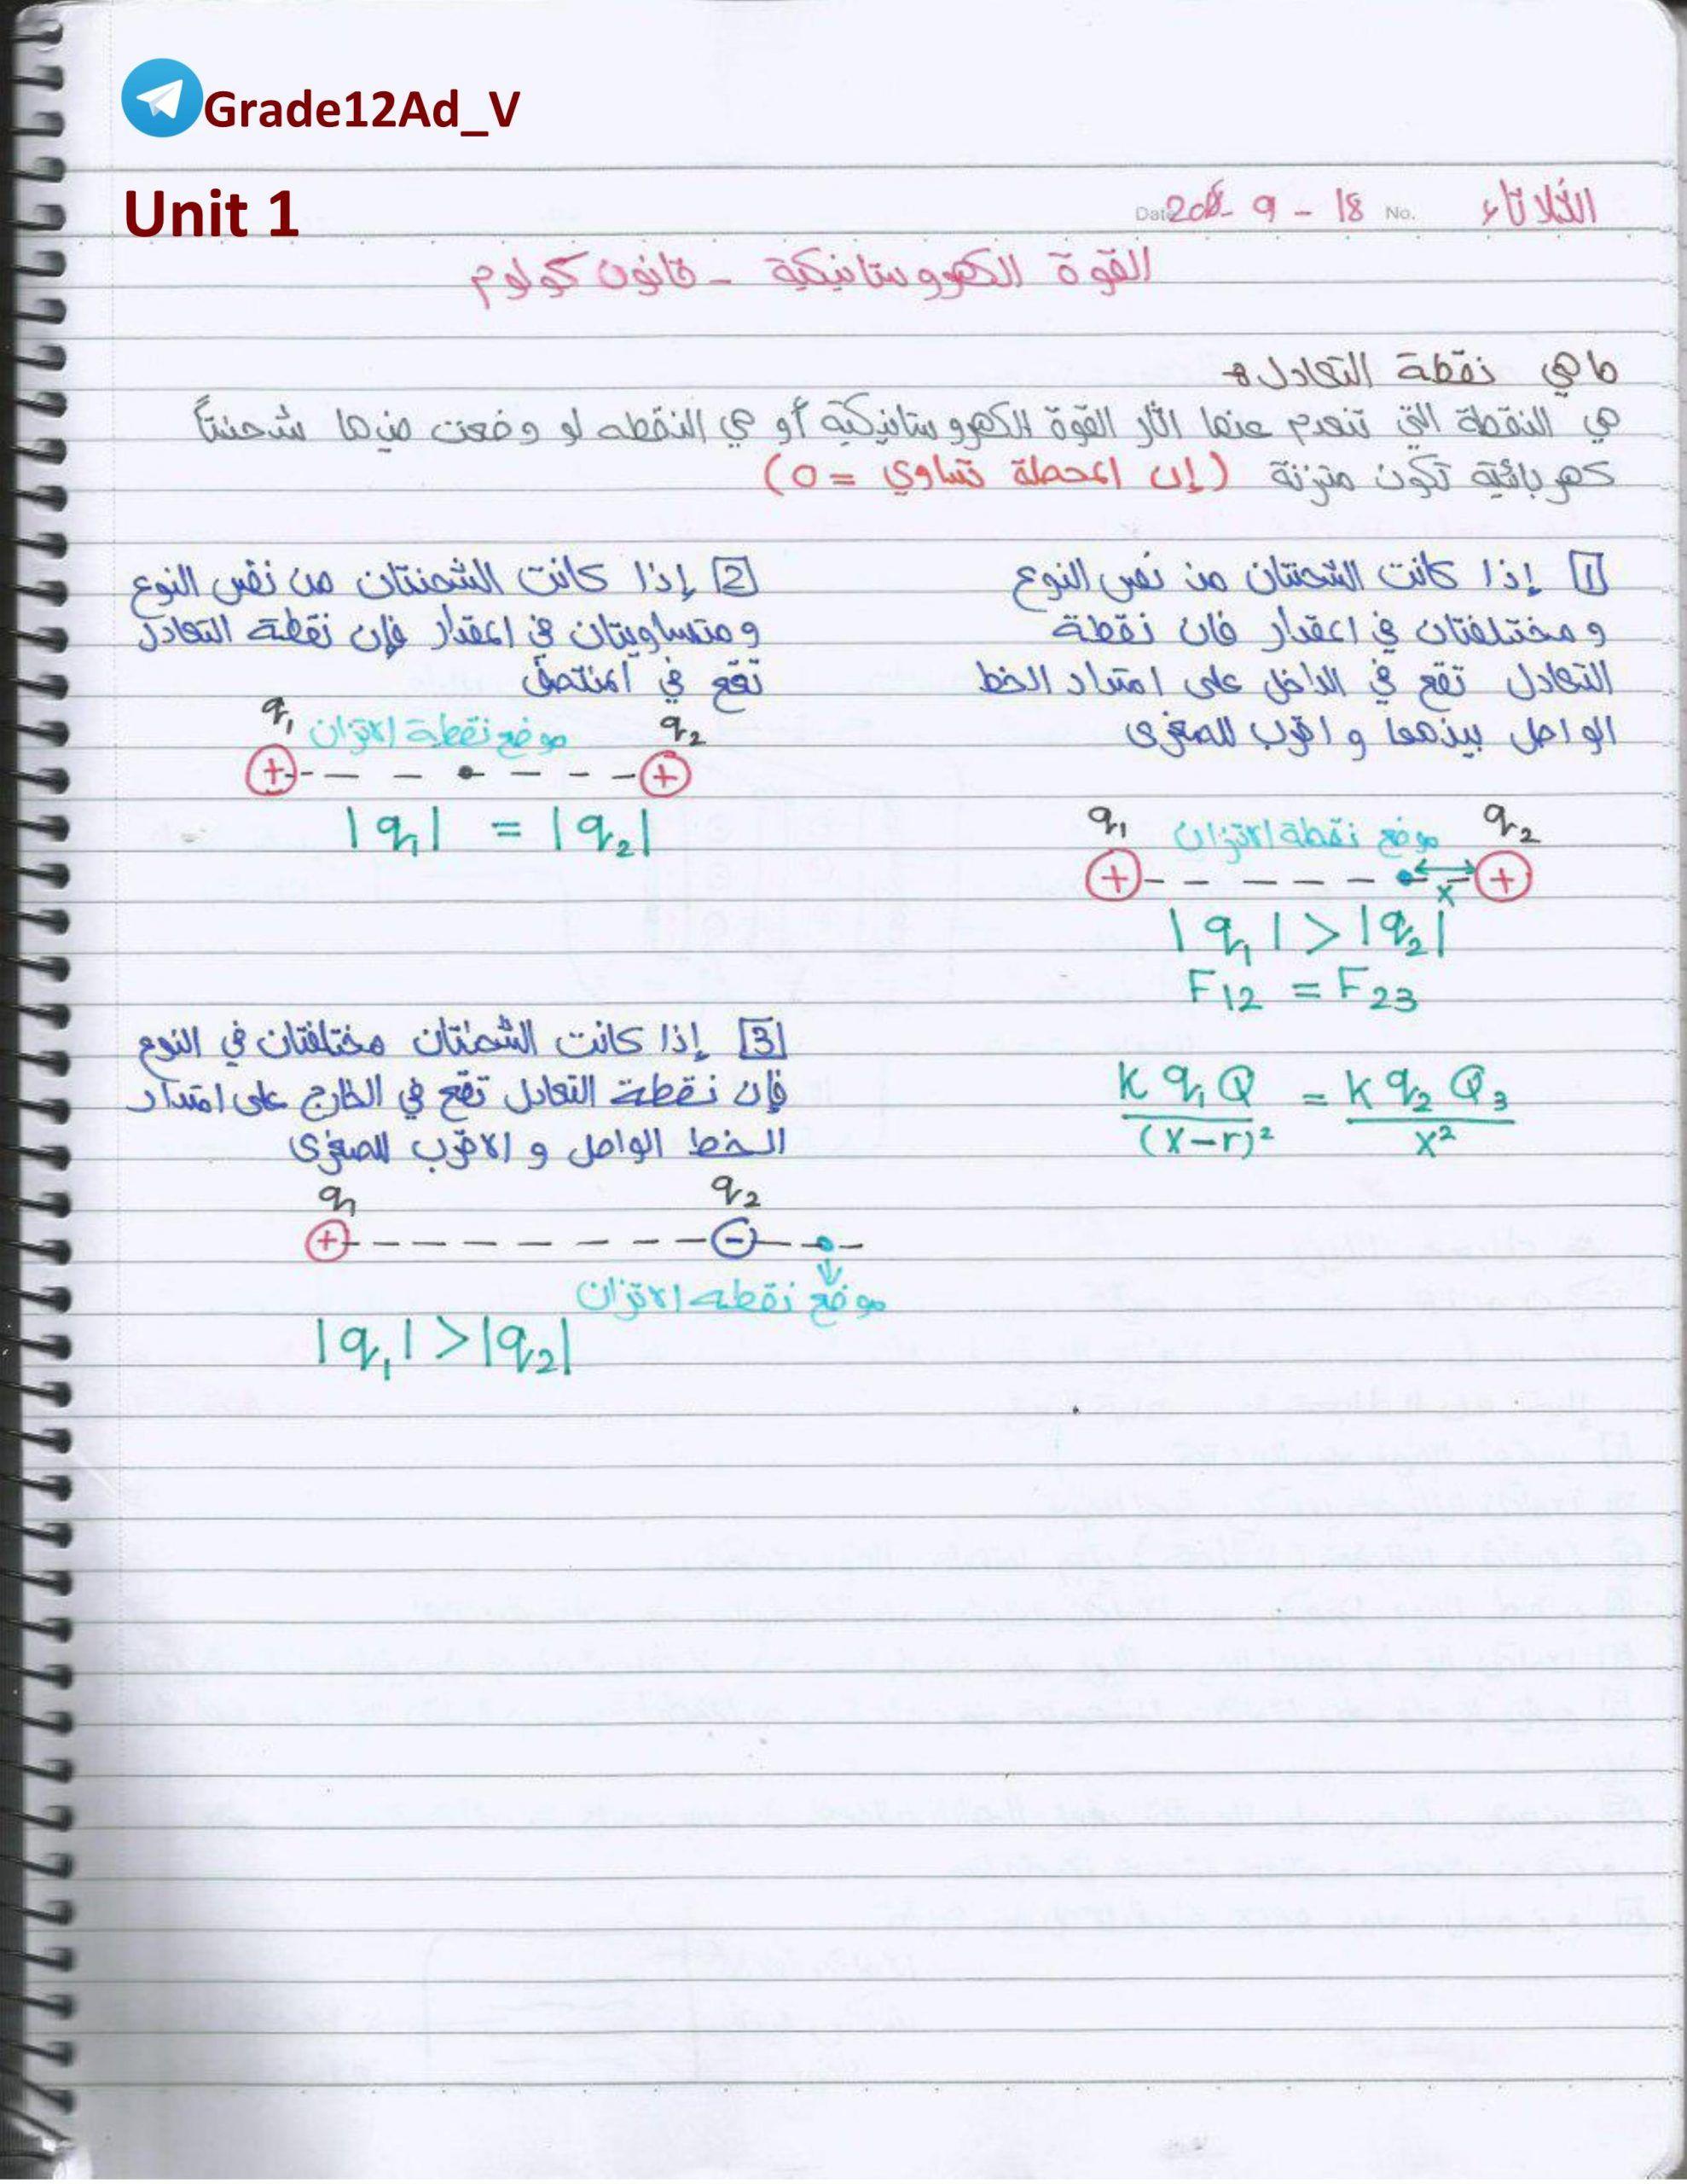 ملخص شامل الوحدات الاربعة للصف الثاني عشر متقدم مادة الفيزياء Bullet Journal Journal The Unit